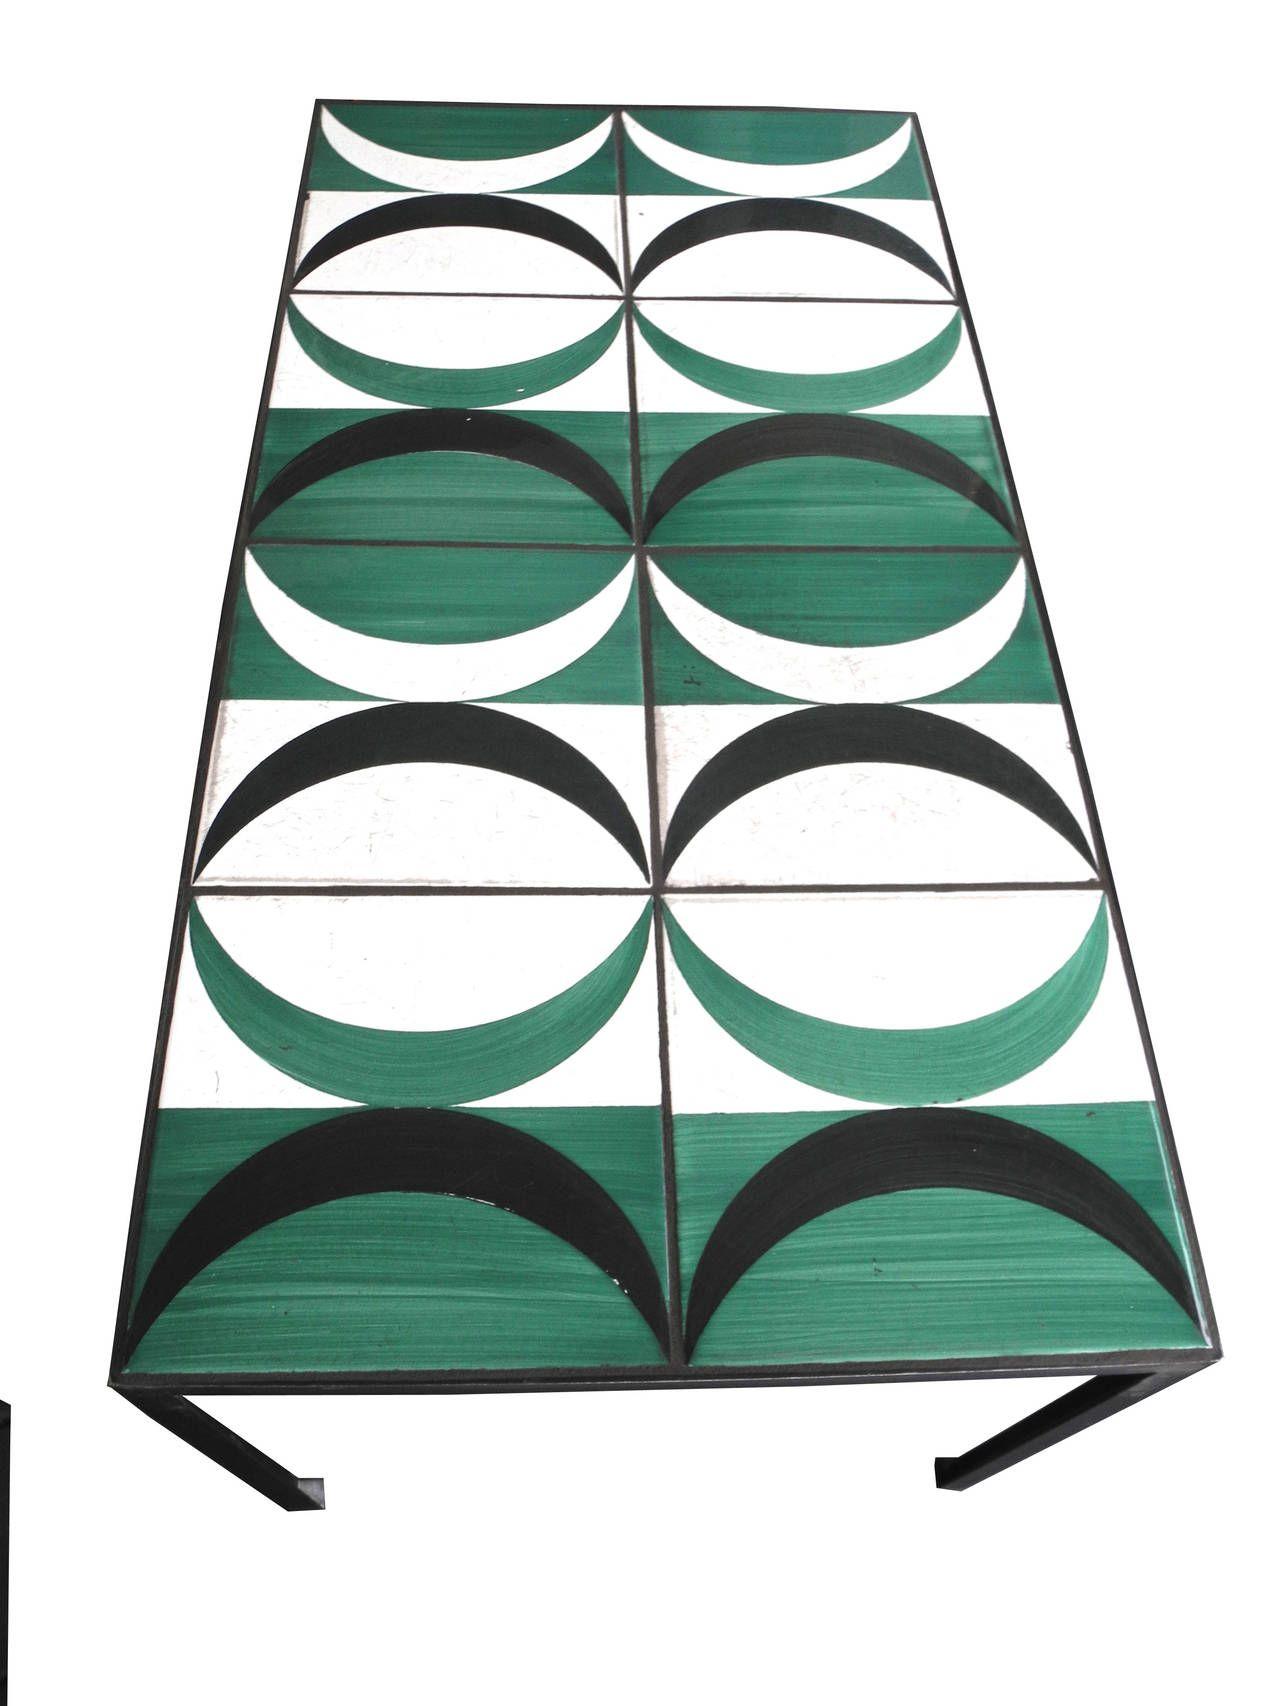 Coffee Table with Gio Ponti Tiles | 1stdibs.com